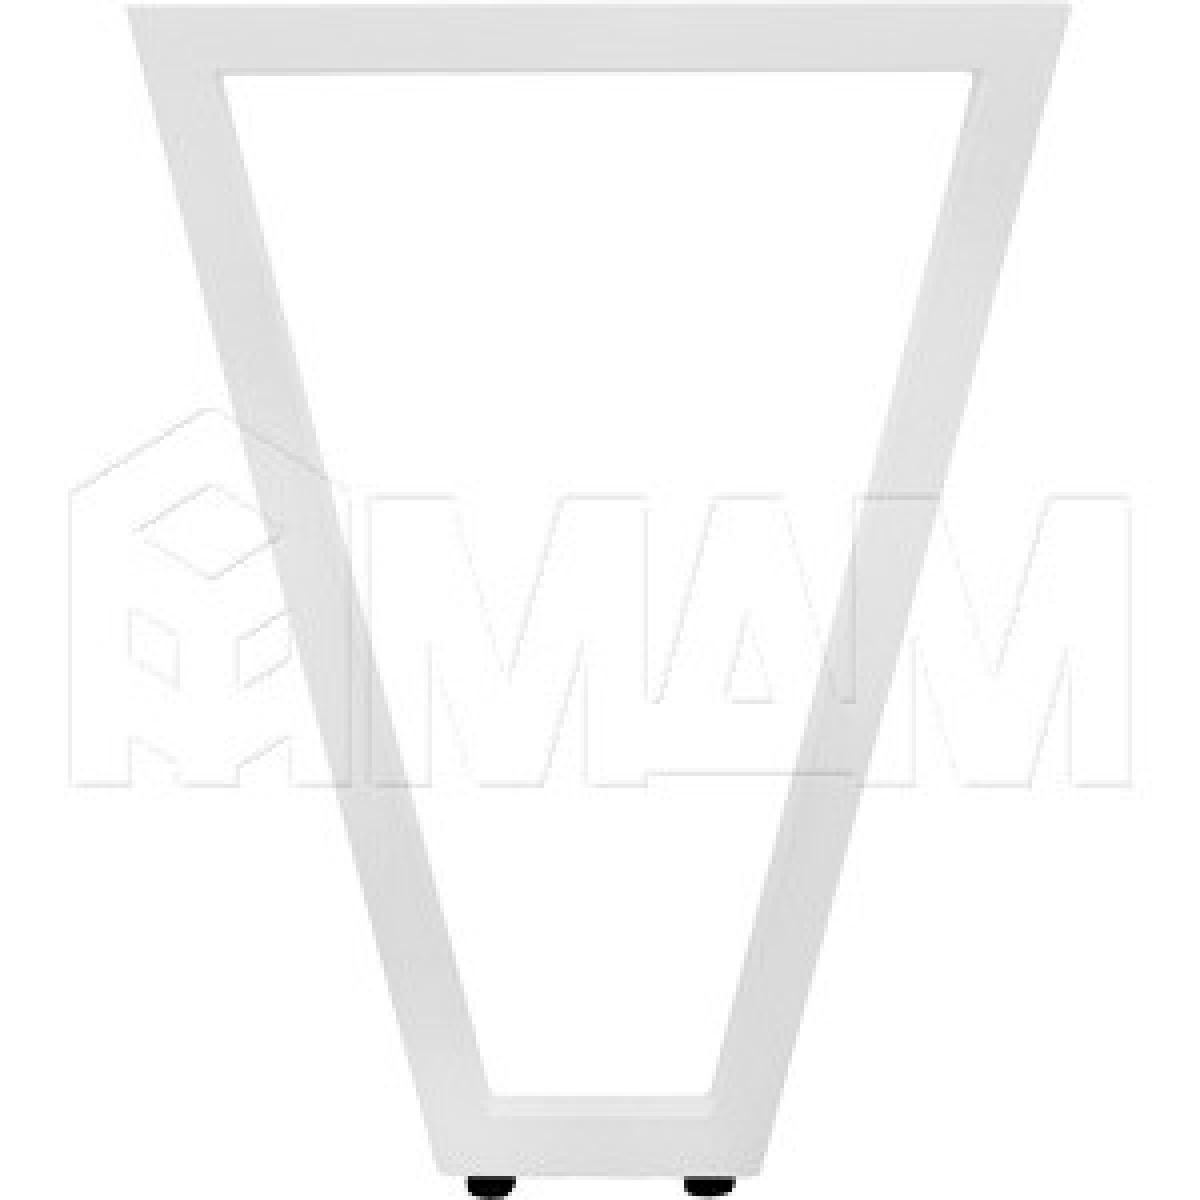 Опора для стола V-образная, 40х40, H720+5мм, хром вулканический, 1шт.